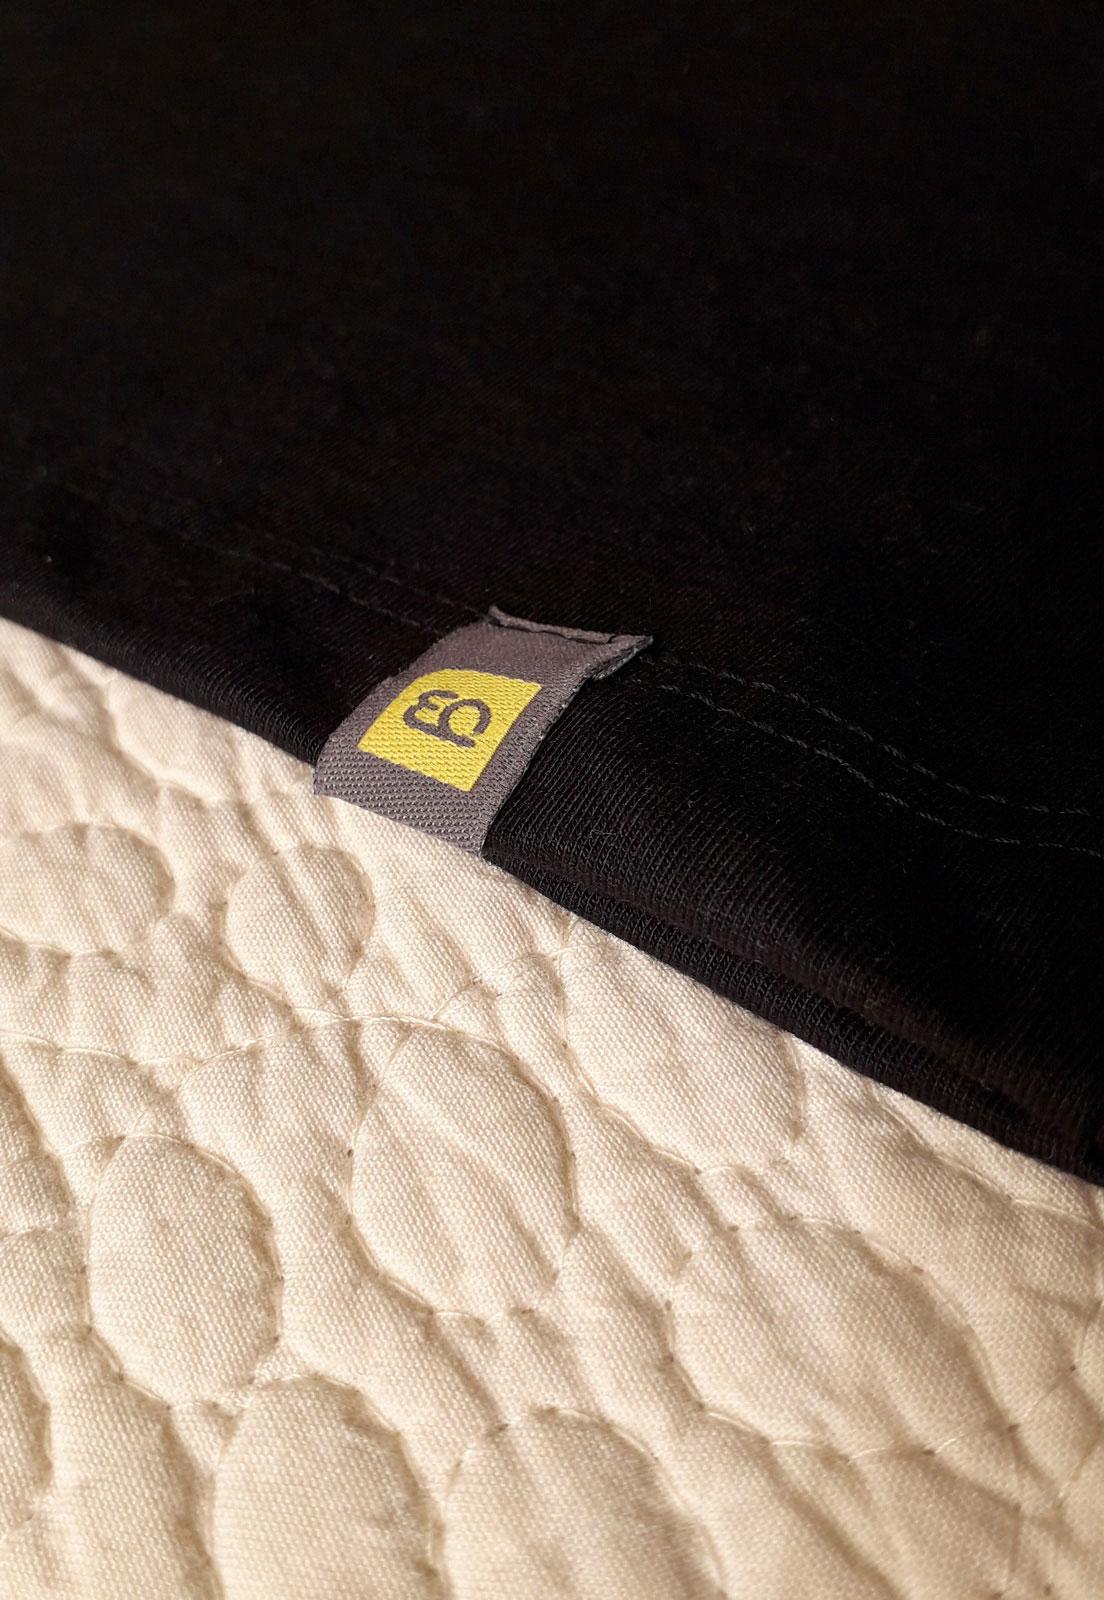 Blusa estampada sustentável full rotation preta ou branca